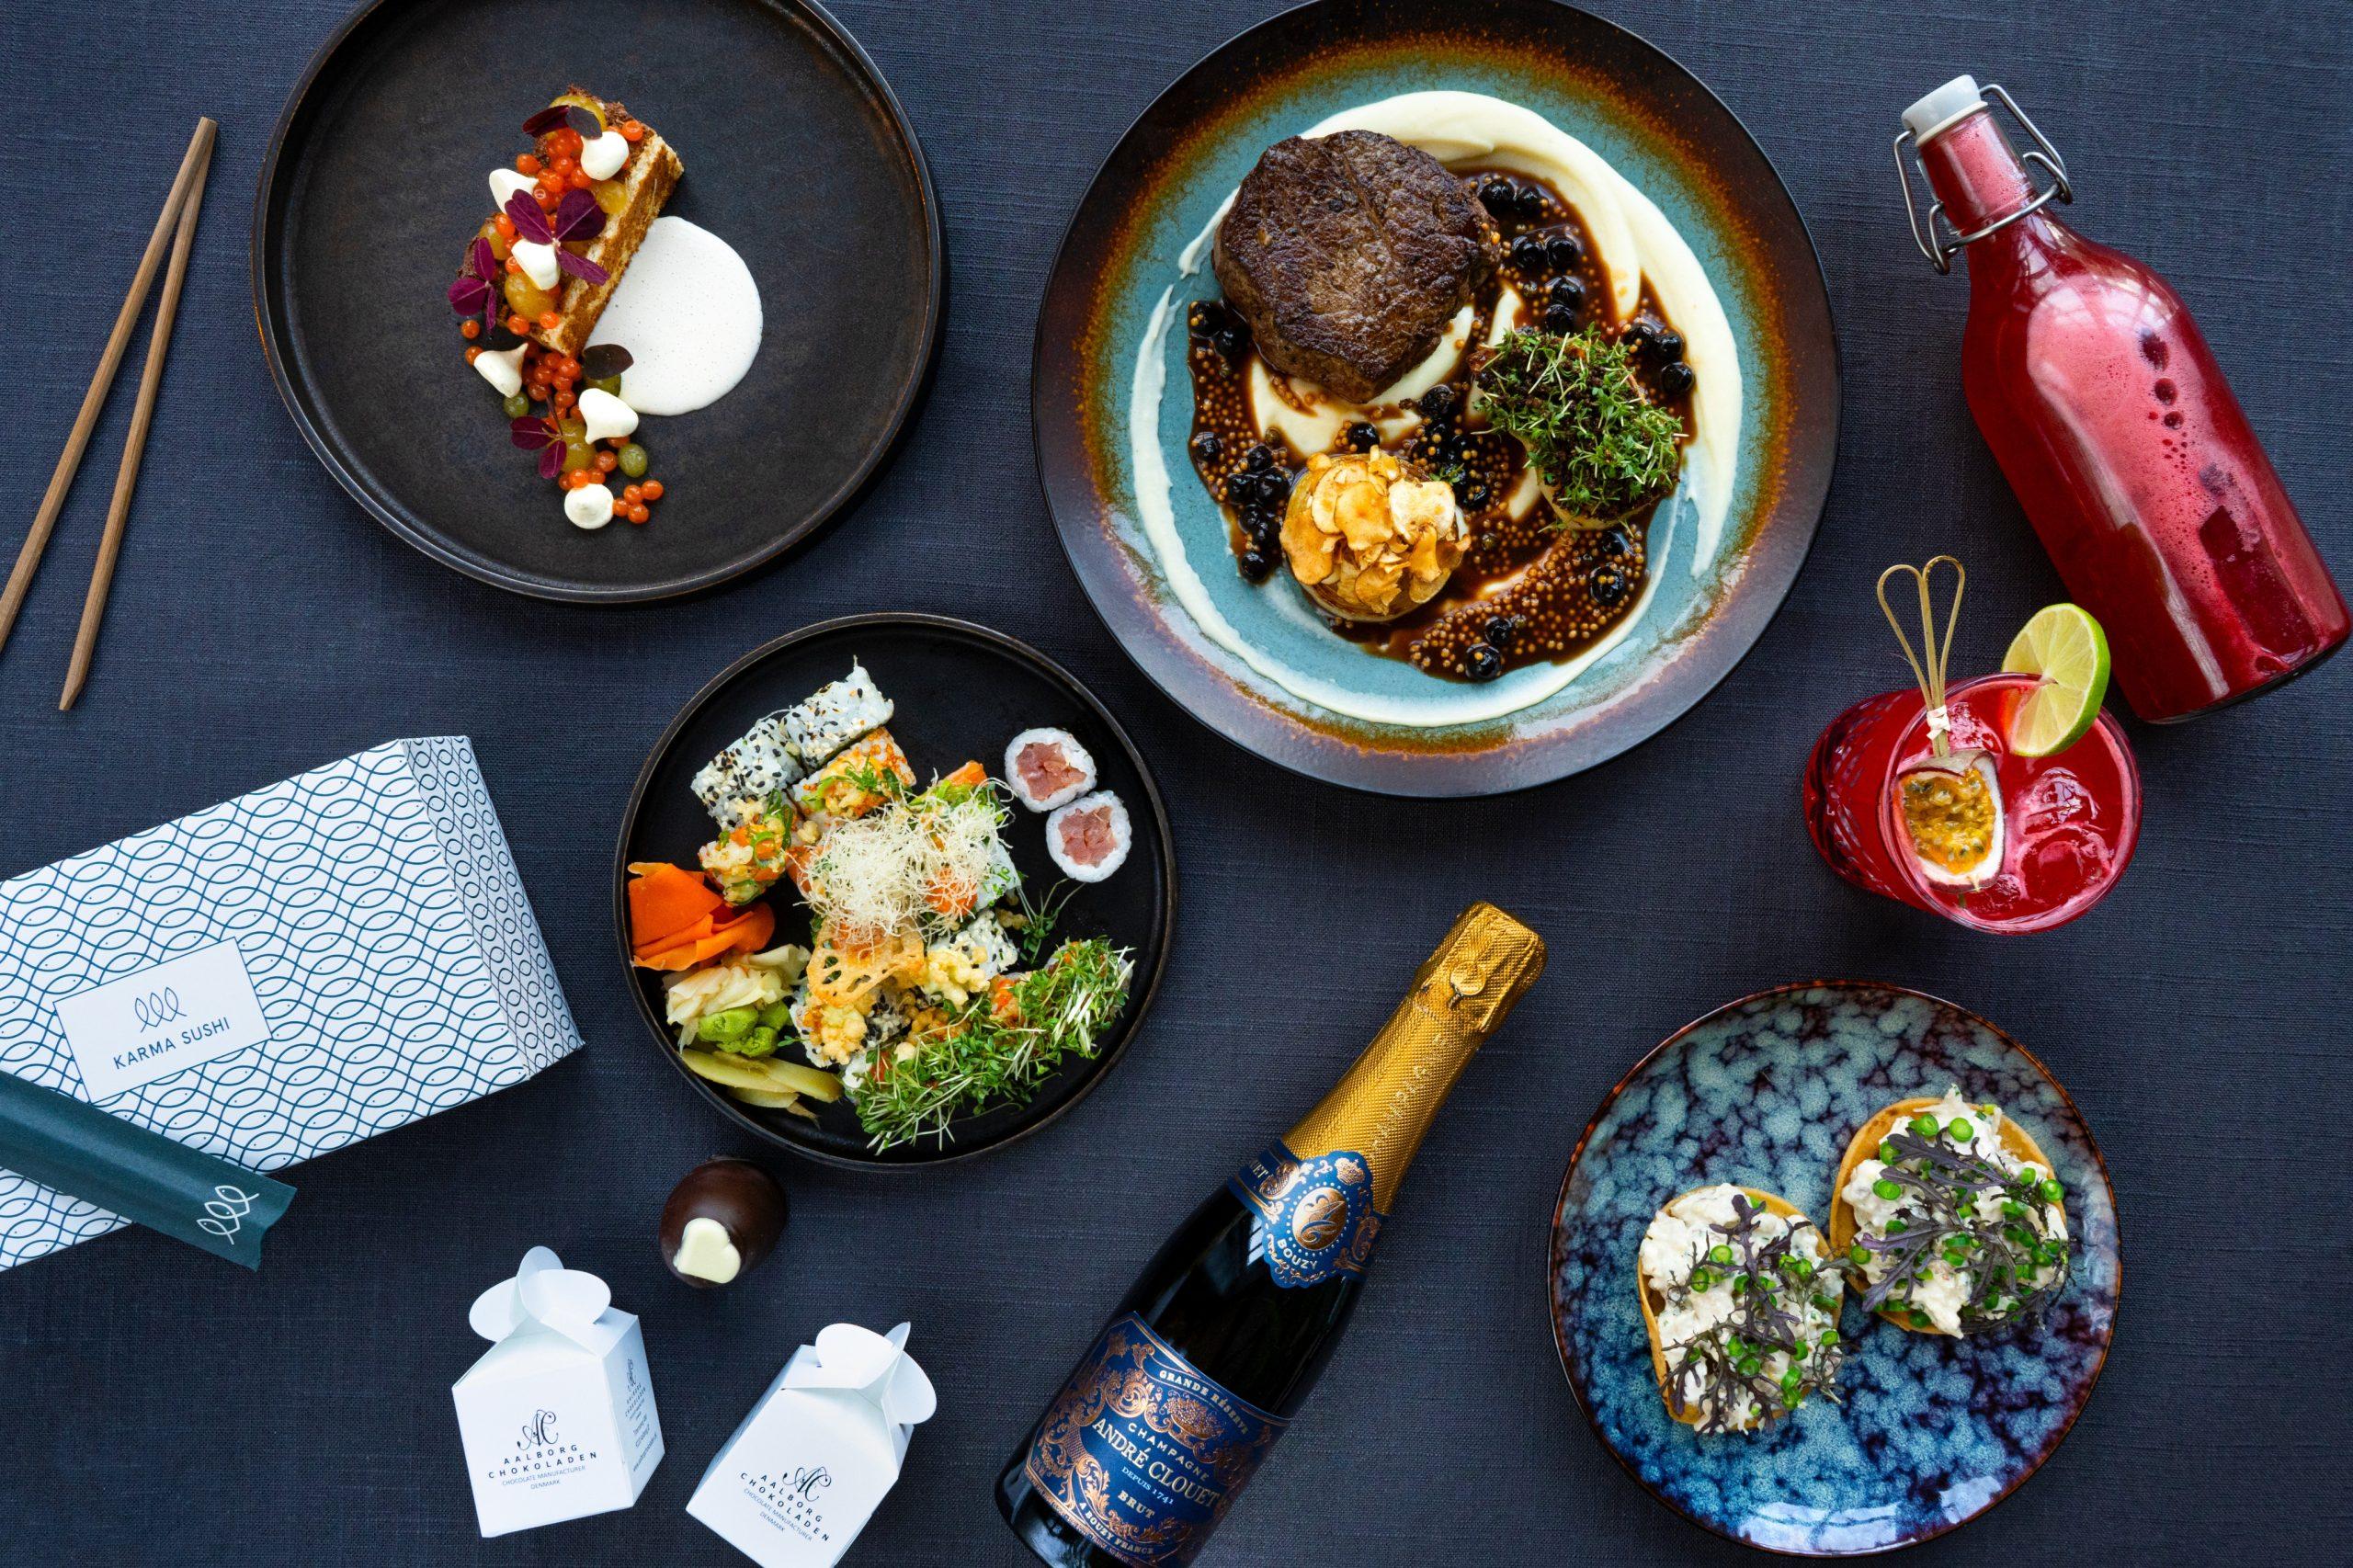 Mad fra Applaus, Nam og Karma Sushi: Laver luksus Valentines Takeaway middag